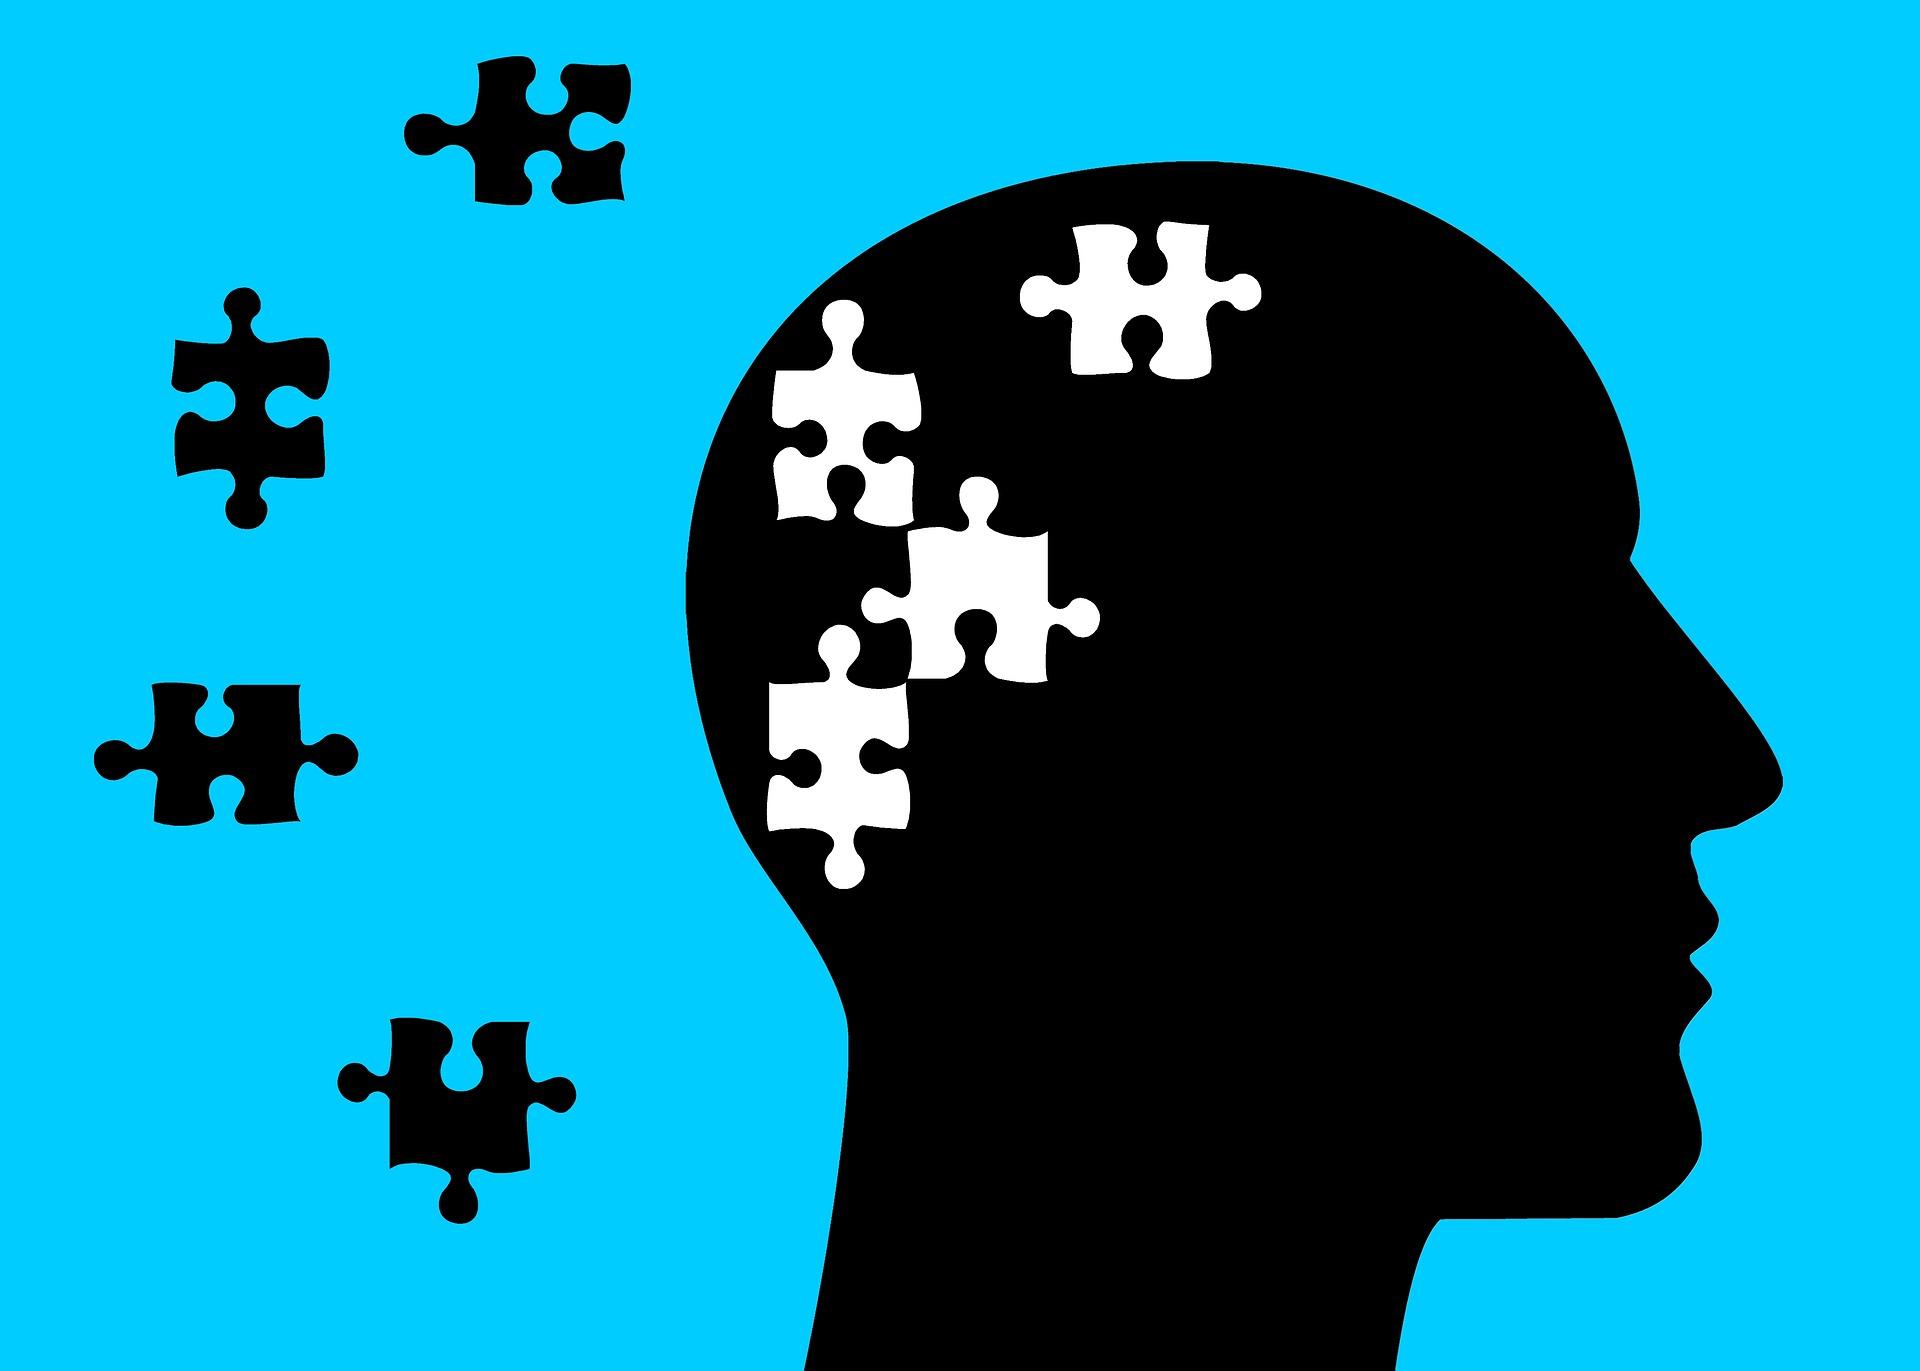 L'hypnose Elmanienne: tout savoir sur cette pratique